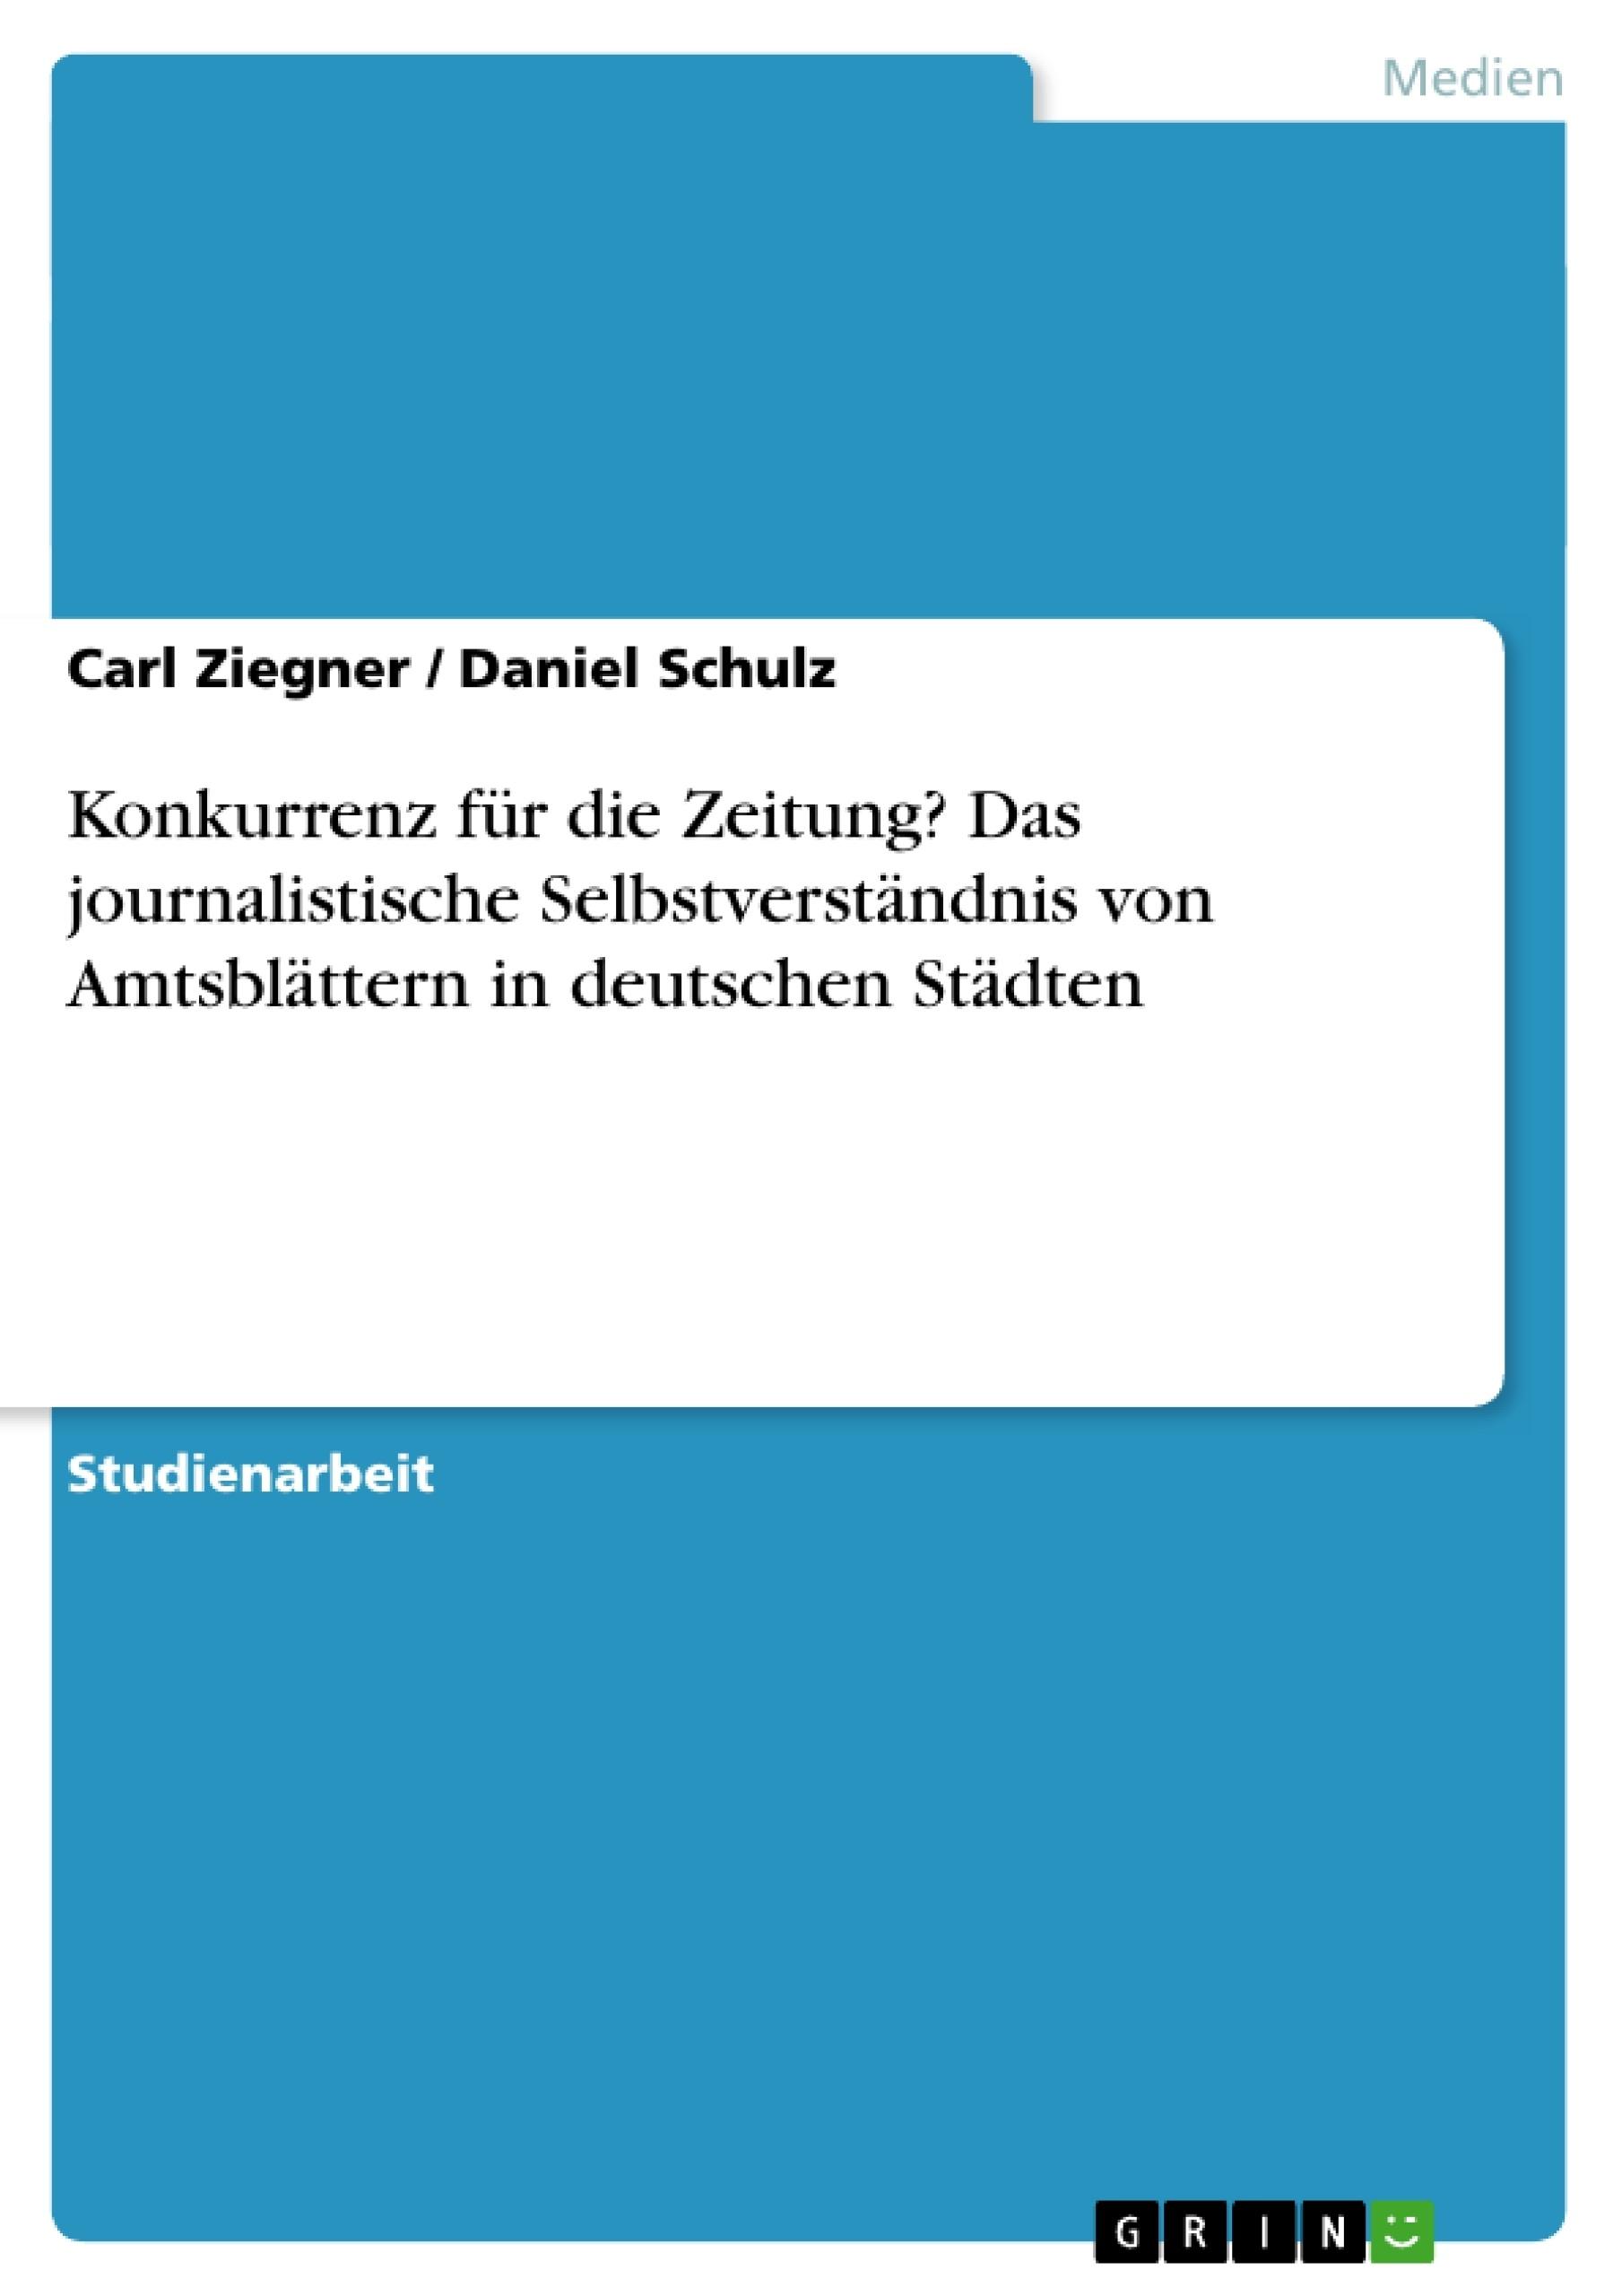 Titel: Konkurrenz für die Zeitung? Das journalistische Selbstverständnis von Amtsblättern in deutschen Städten